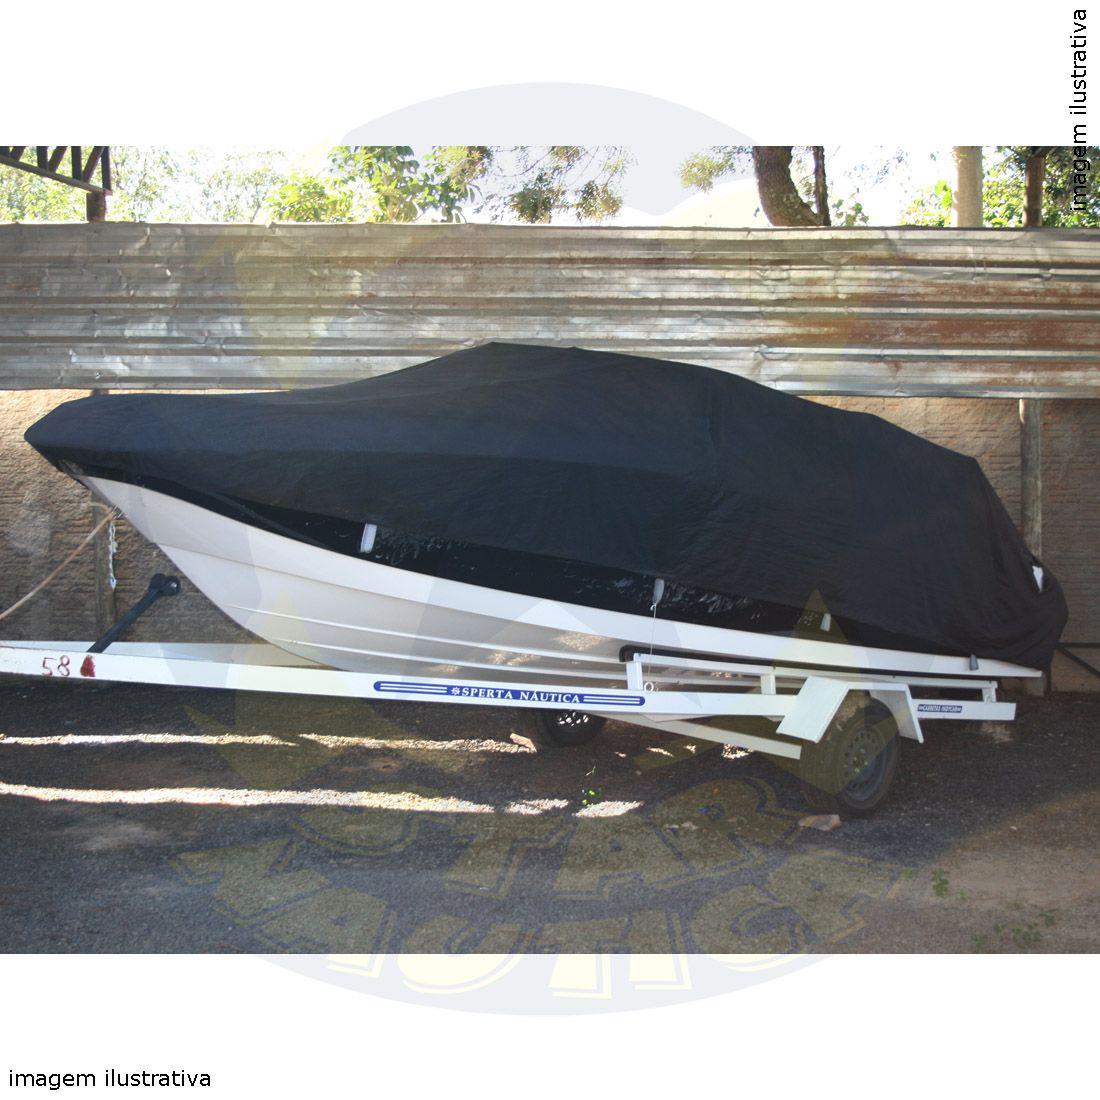 Capa Lona de Cobertura Lancha Focker 190 Lona Emborrachada